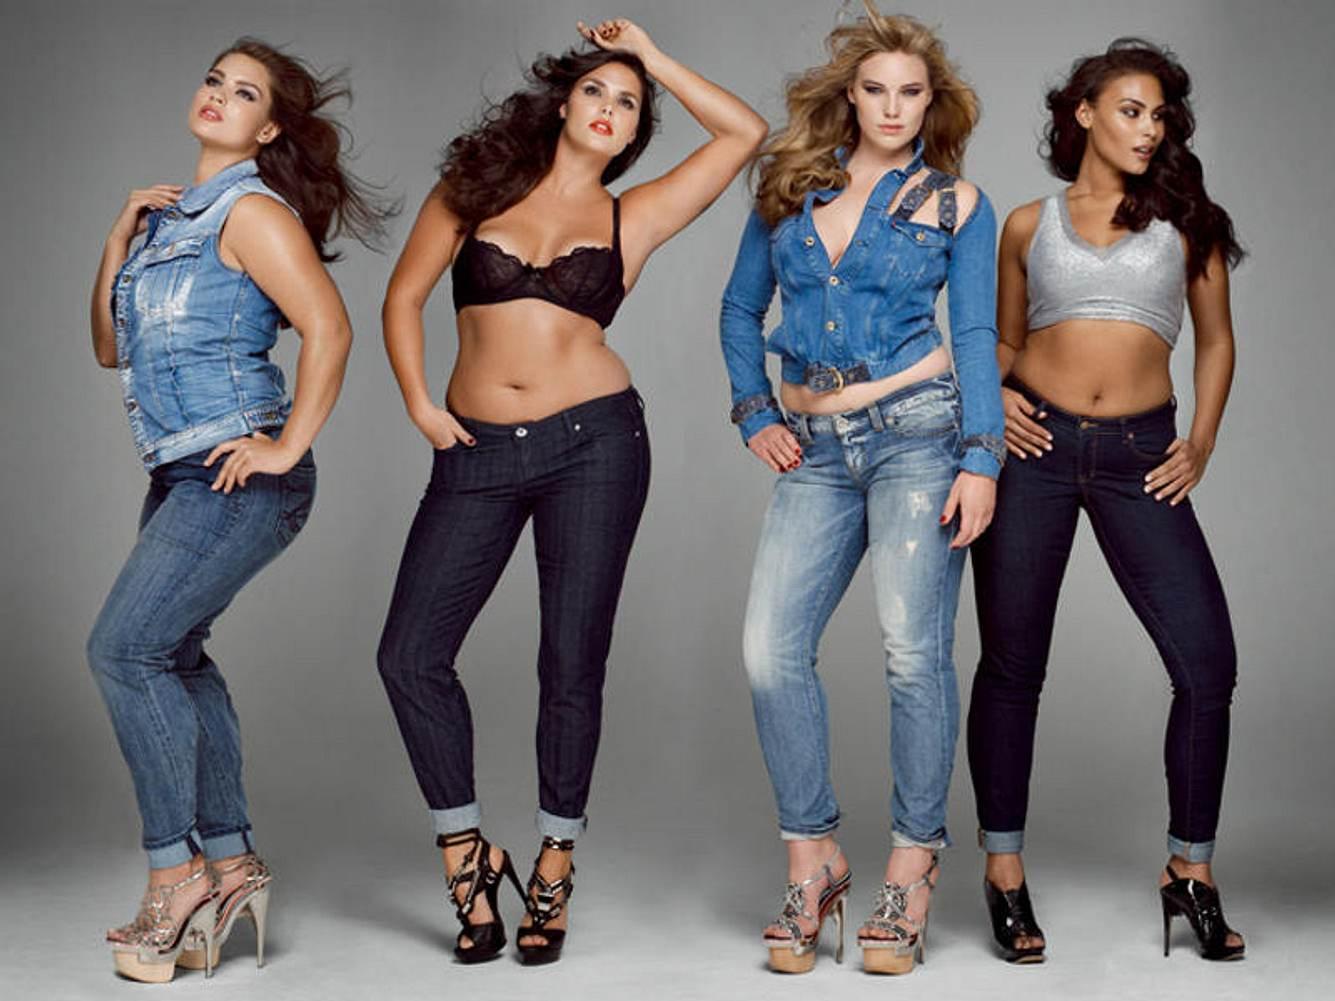 v magazine models b